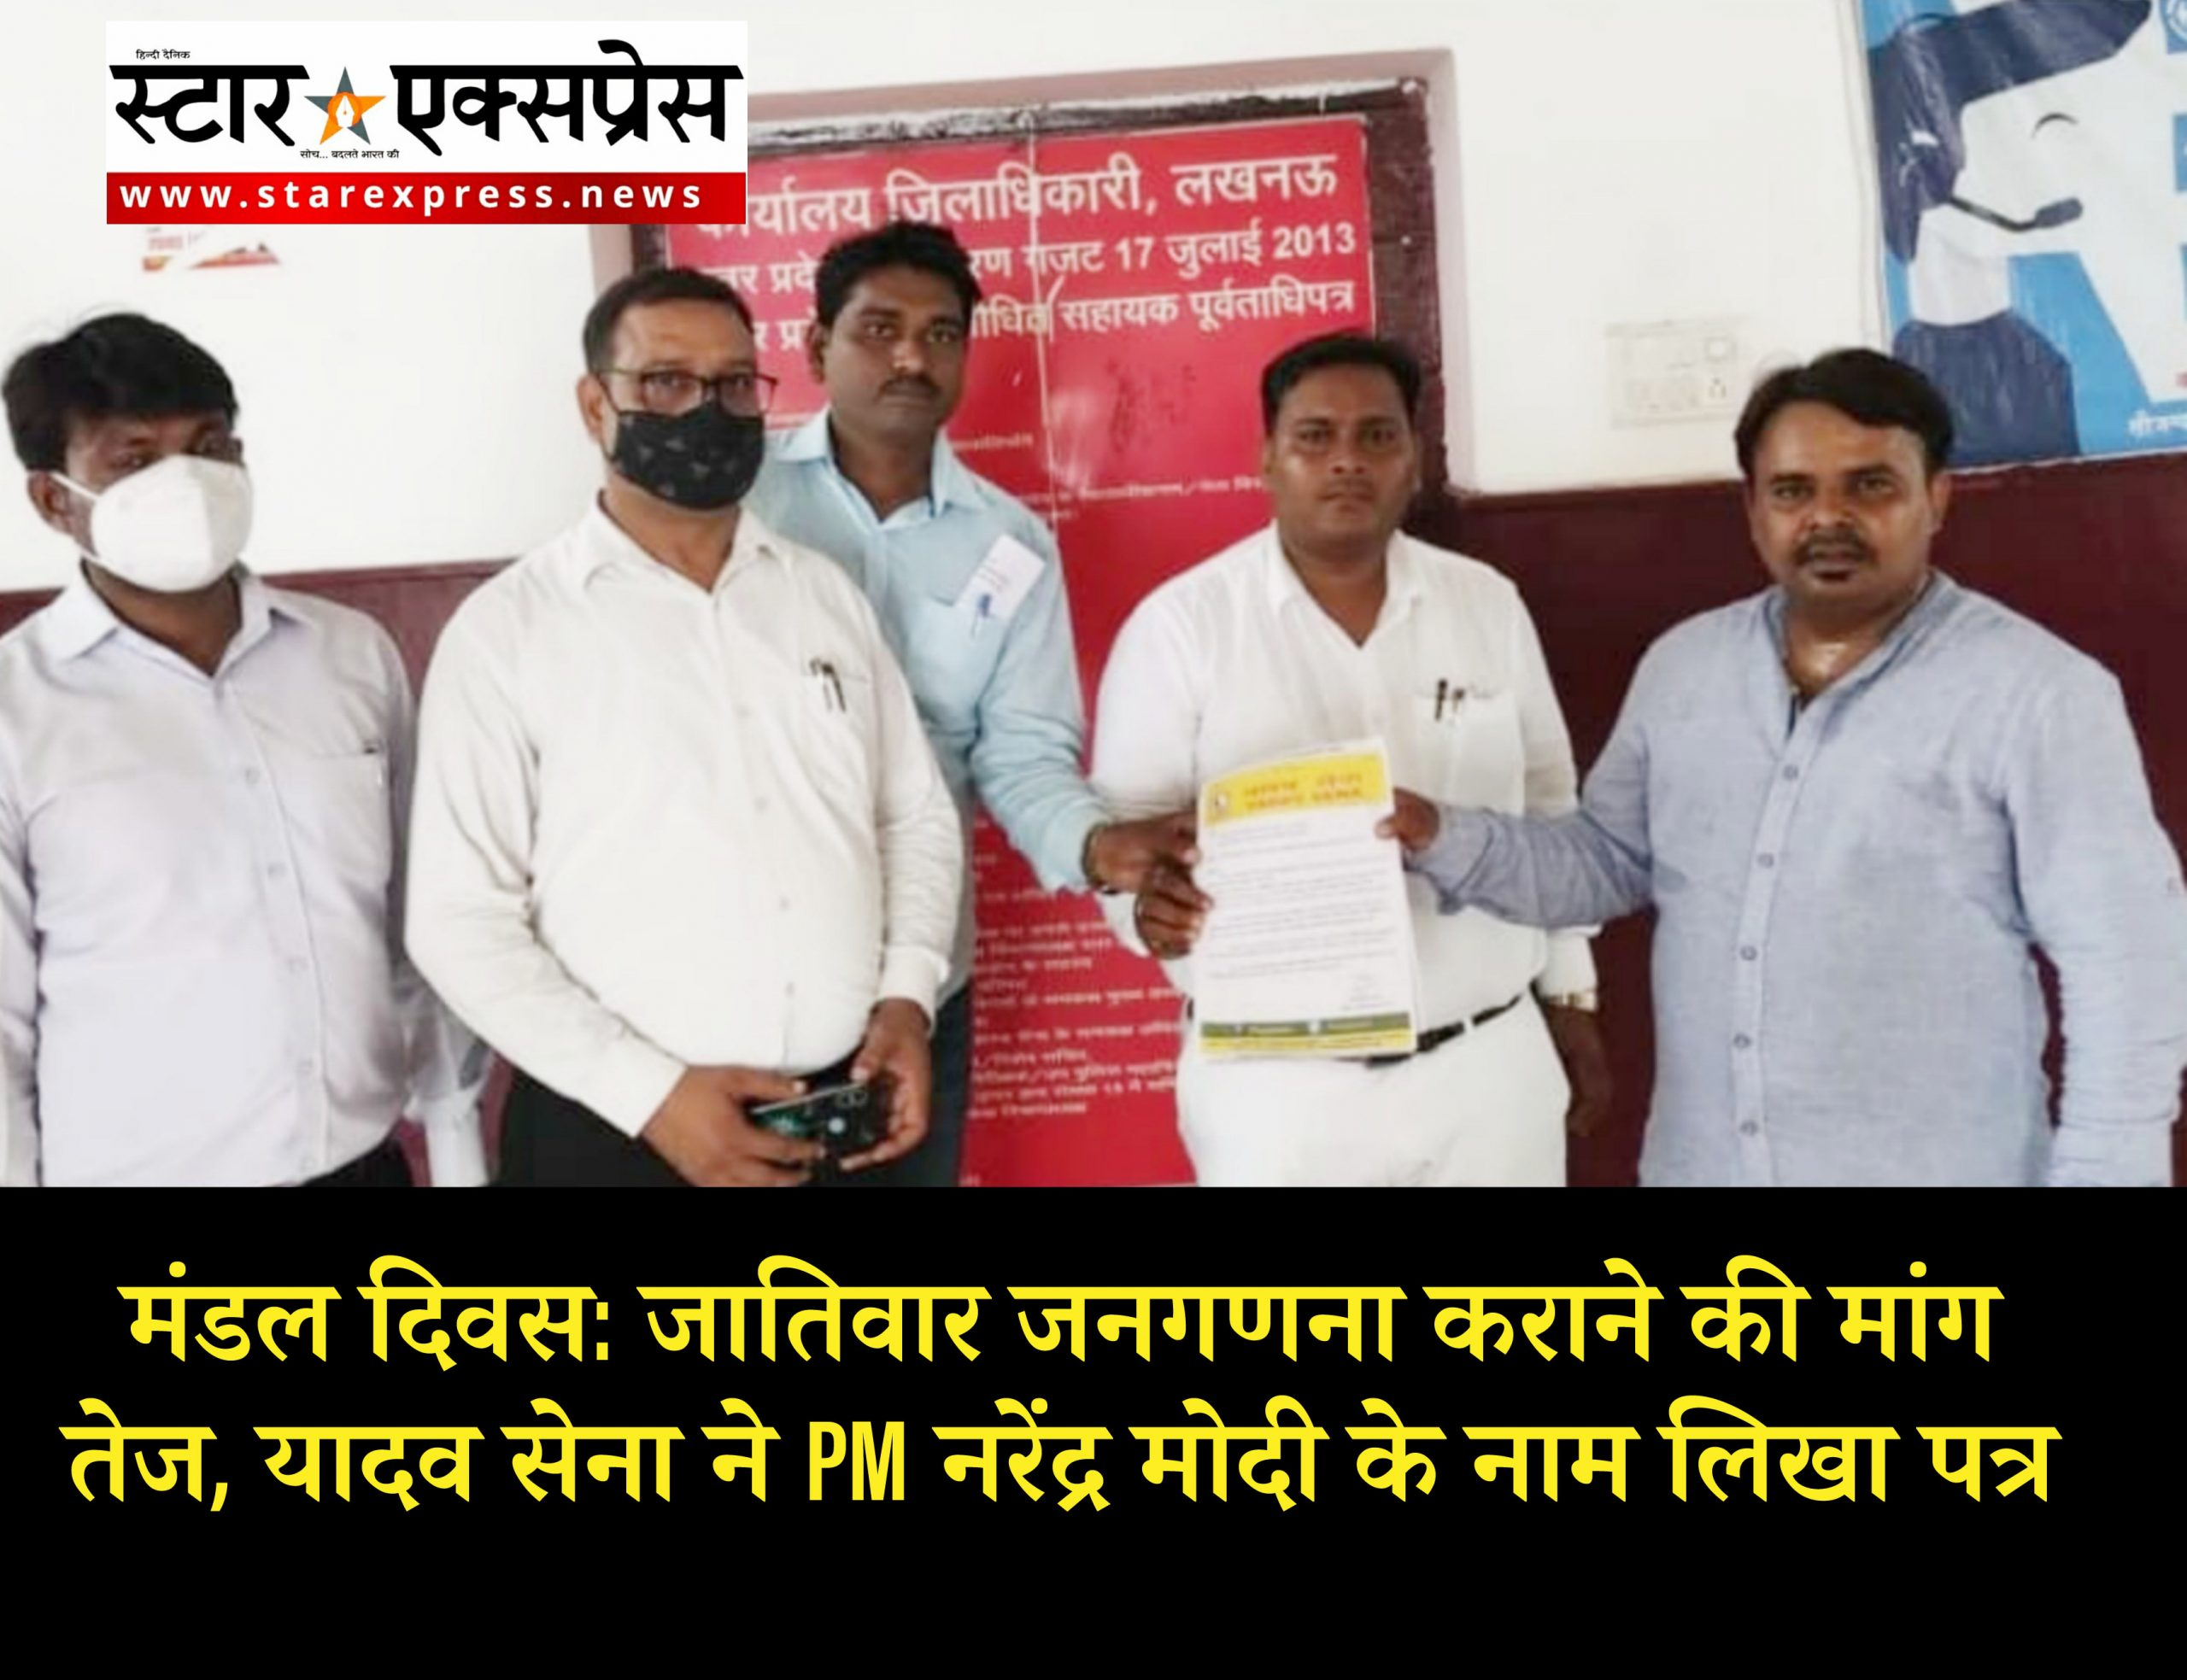 Photo of मंडल दिवस: जातिवार जनगणना की मांग तेज, यादव सेना ने PM नरेंद्र मोदी के नाम लिखा पत्र